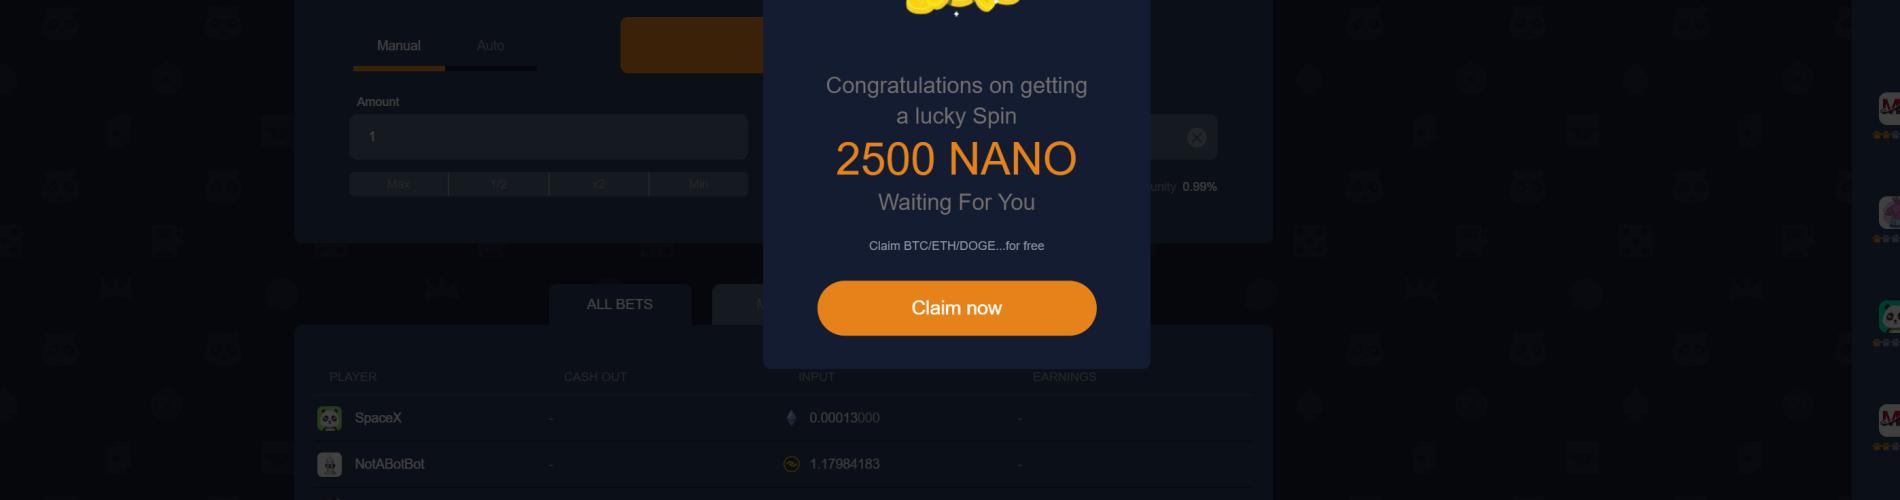 NanoGames Bonus